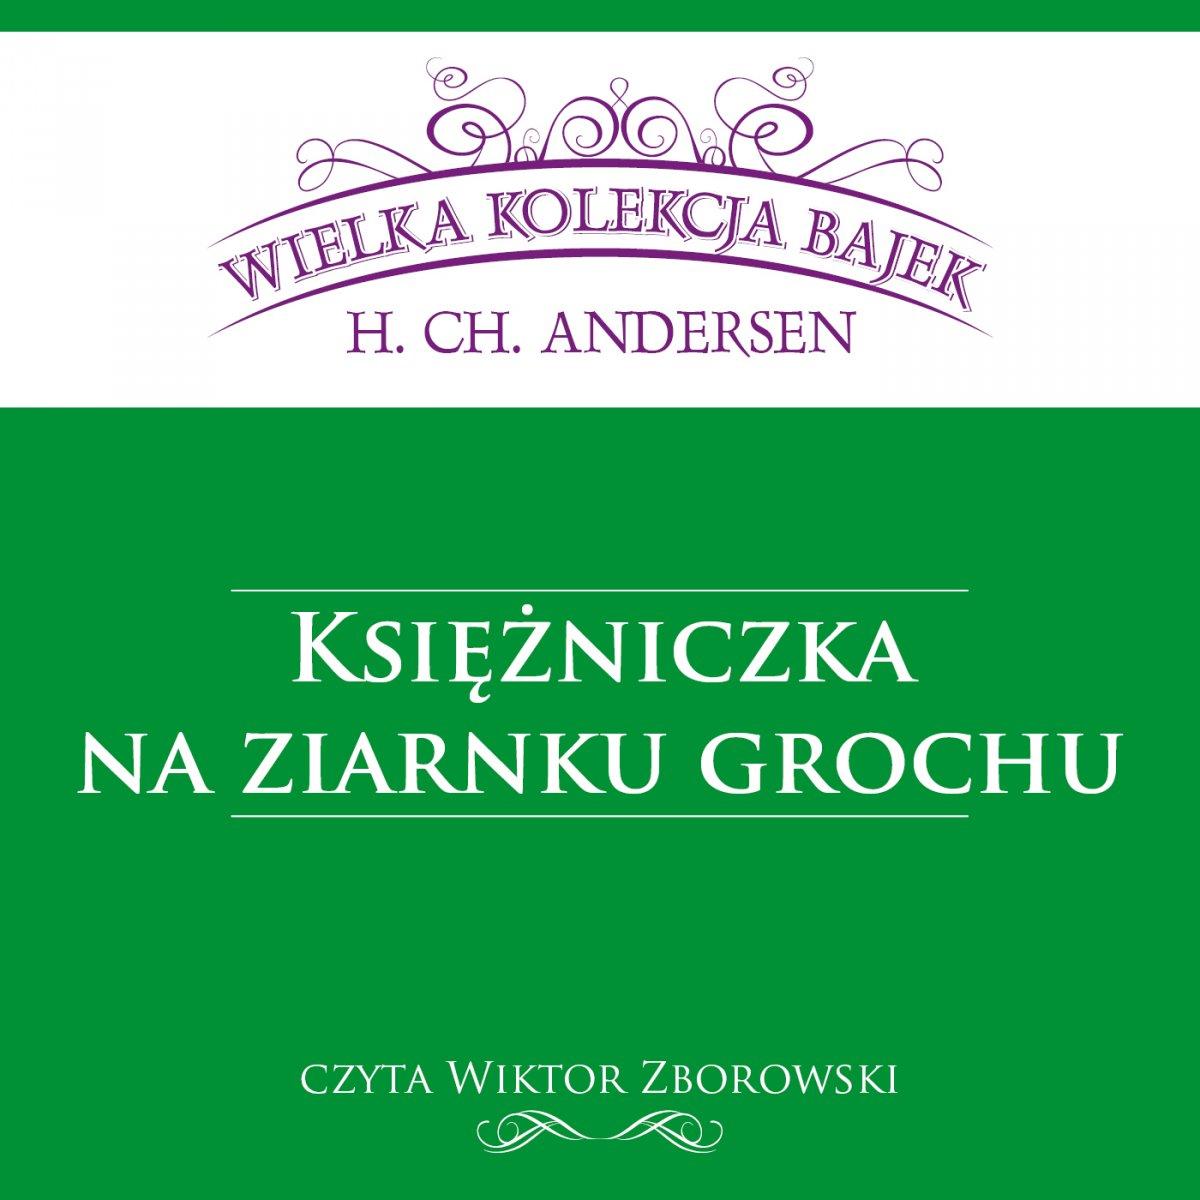 Księżniczka na ziarnku grochu (Wielka Kolekcja Bajek) - Audiobook (Książka audio MP3) do pobrania w całości w archiwum ZIP